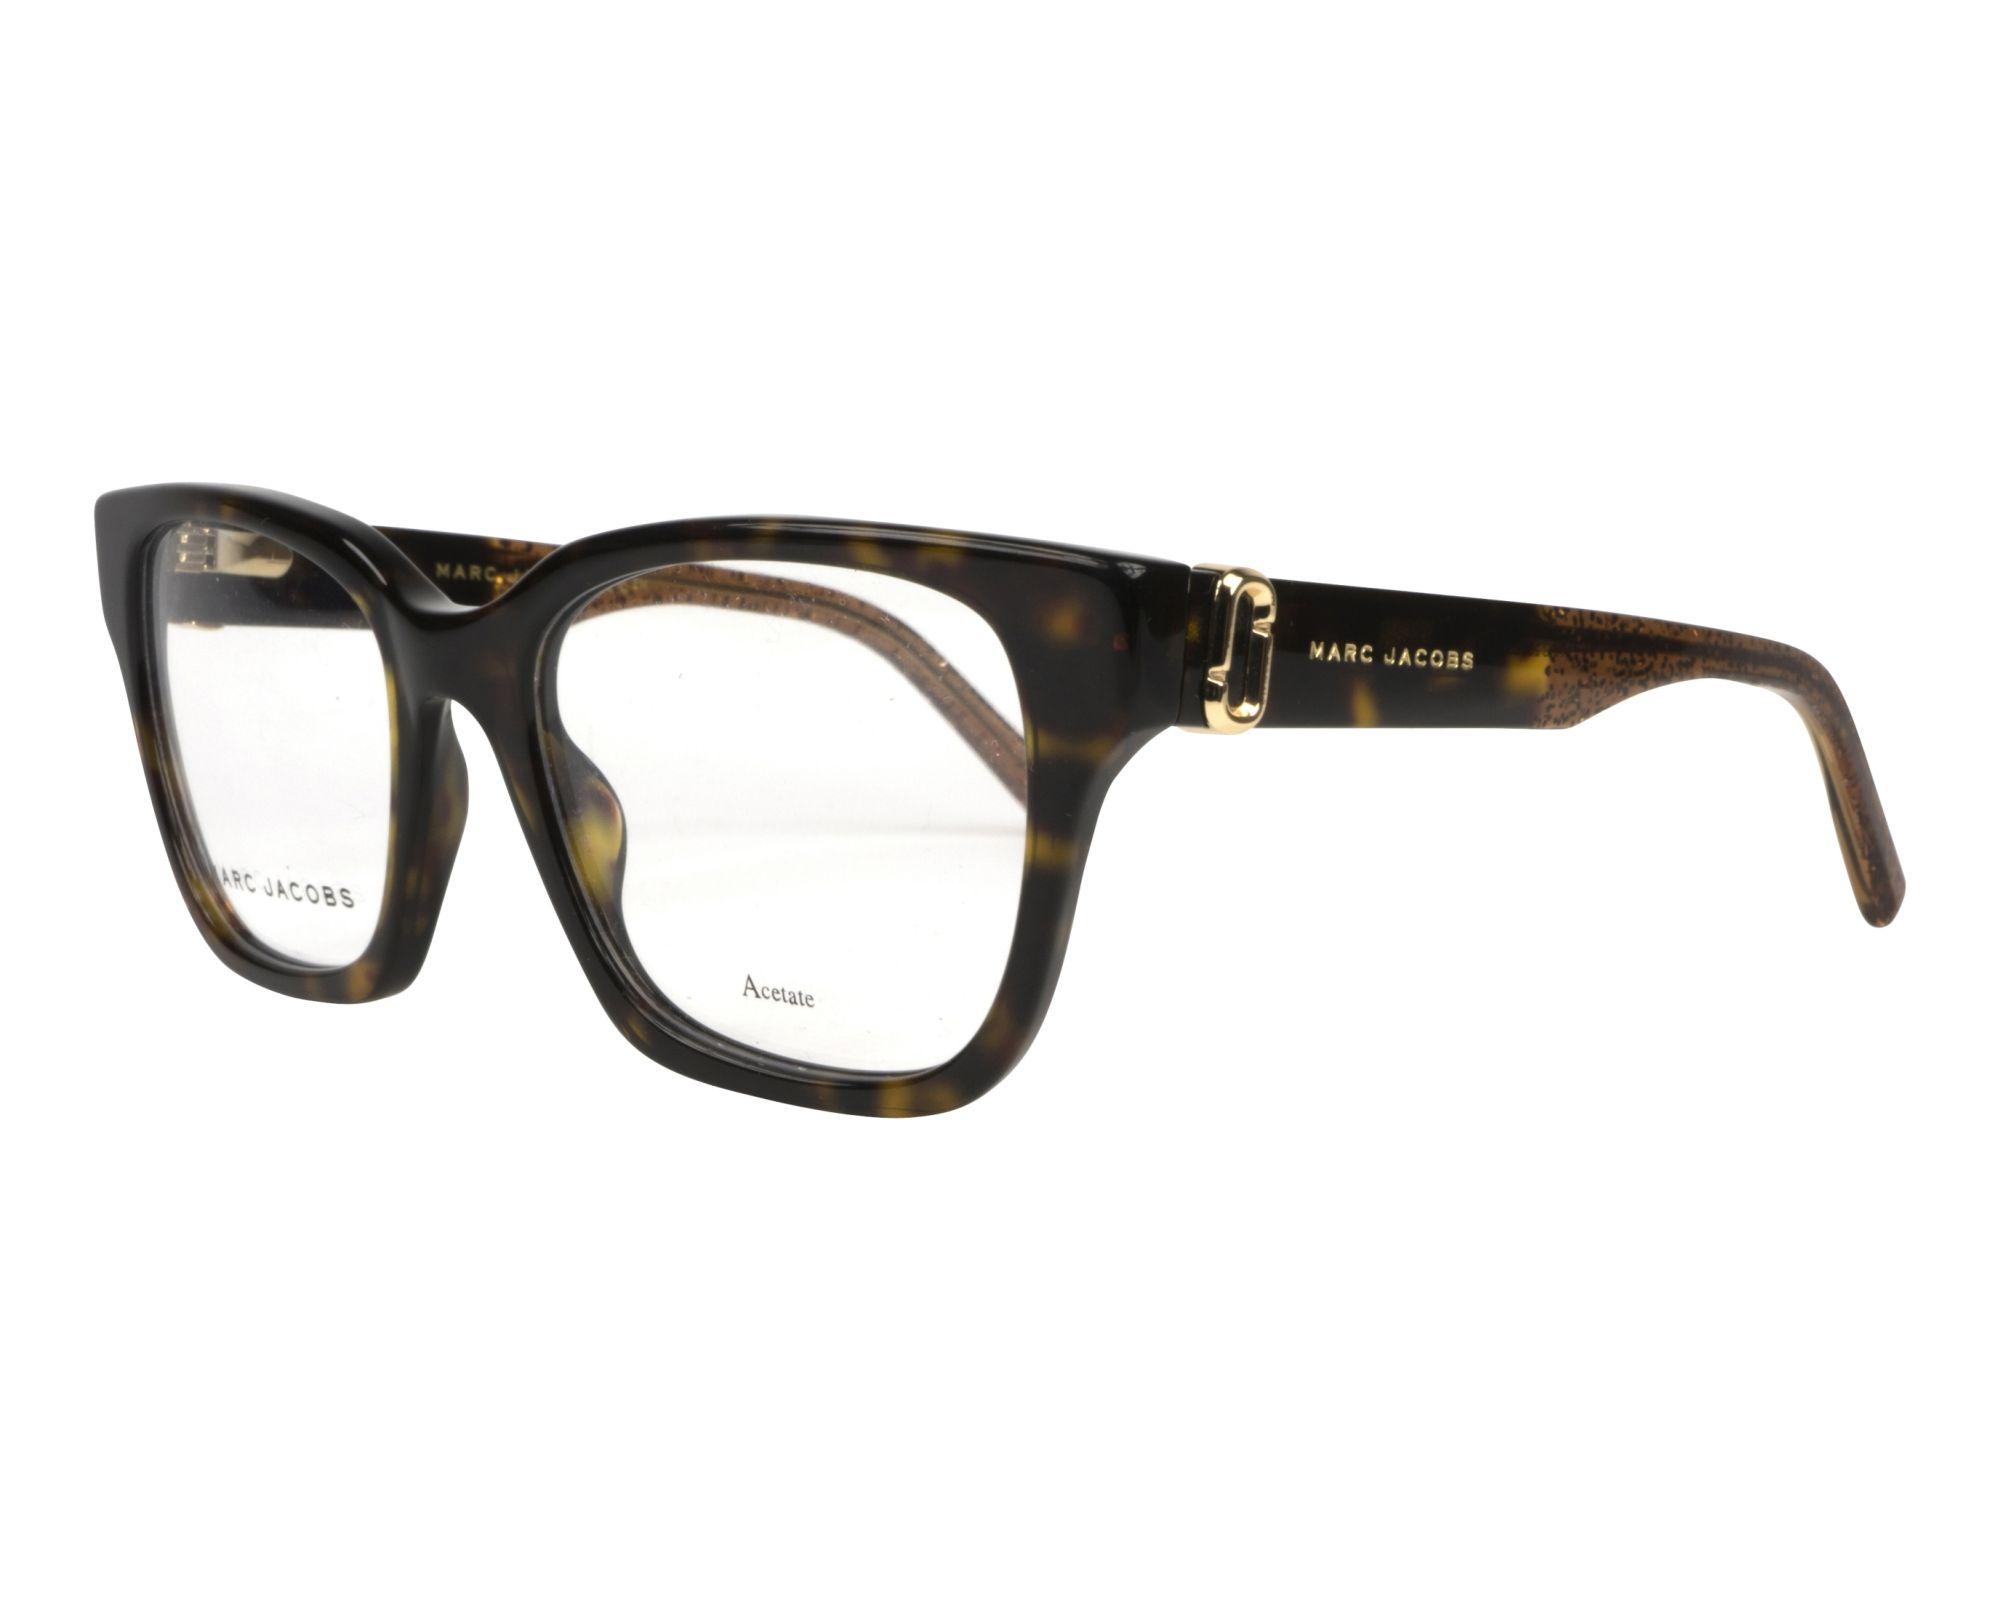 Óculos de Grau Marc Jacobs Havana Marc250 - DXH/51